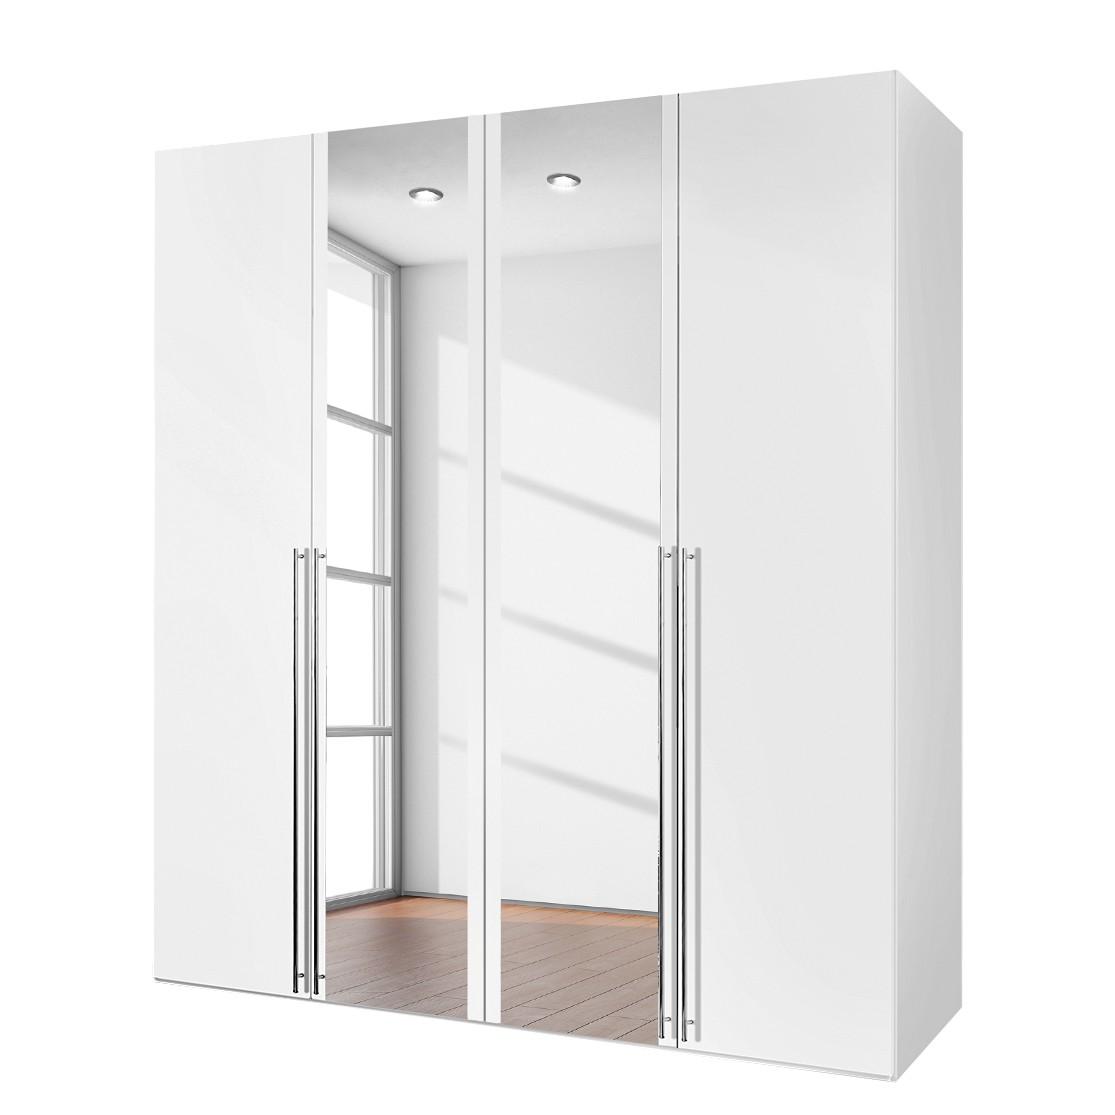 Armoire à portes battantes Brooklyn XIII - Blanc alpin / Verre de miroir - 200 cm (4 portes) - 236 c